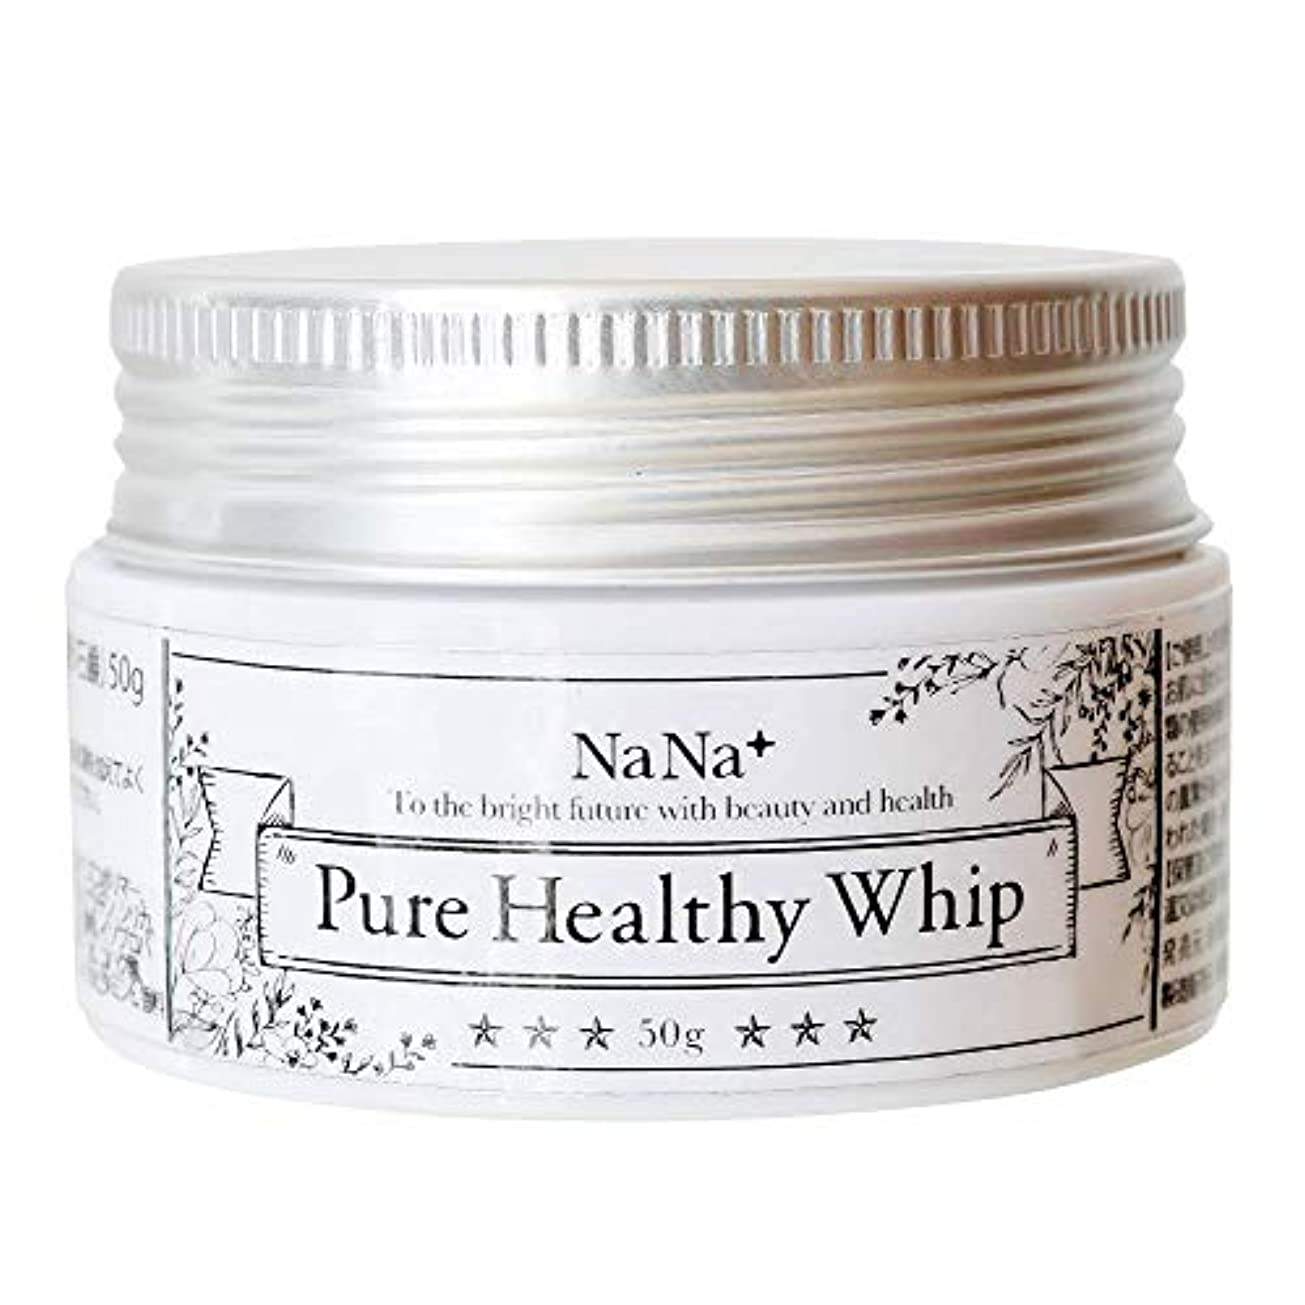 わかりやすい斧管理者洗顔 生せっけん 敏感肌 乾燥肌 の 毛穴 くすみ 黒ずみ ケア 肌に優しい無添加  nana+ピュアヘルシーホイップ